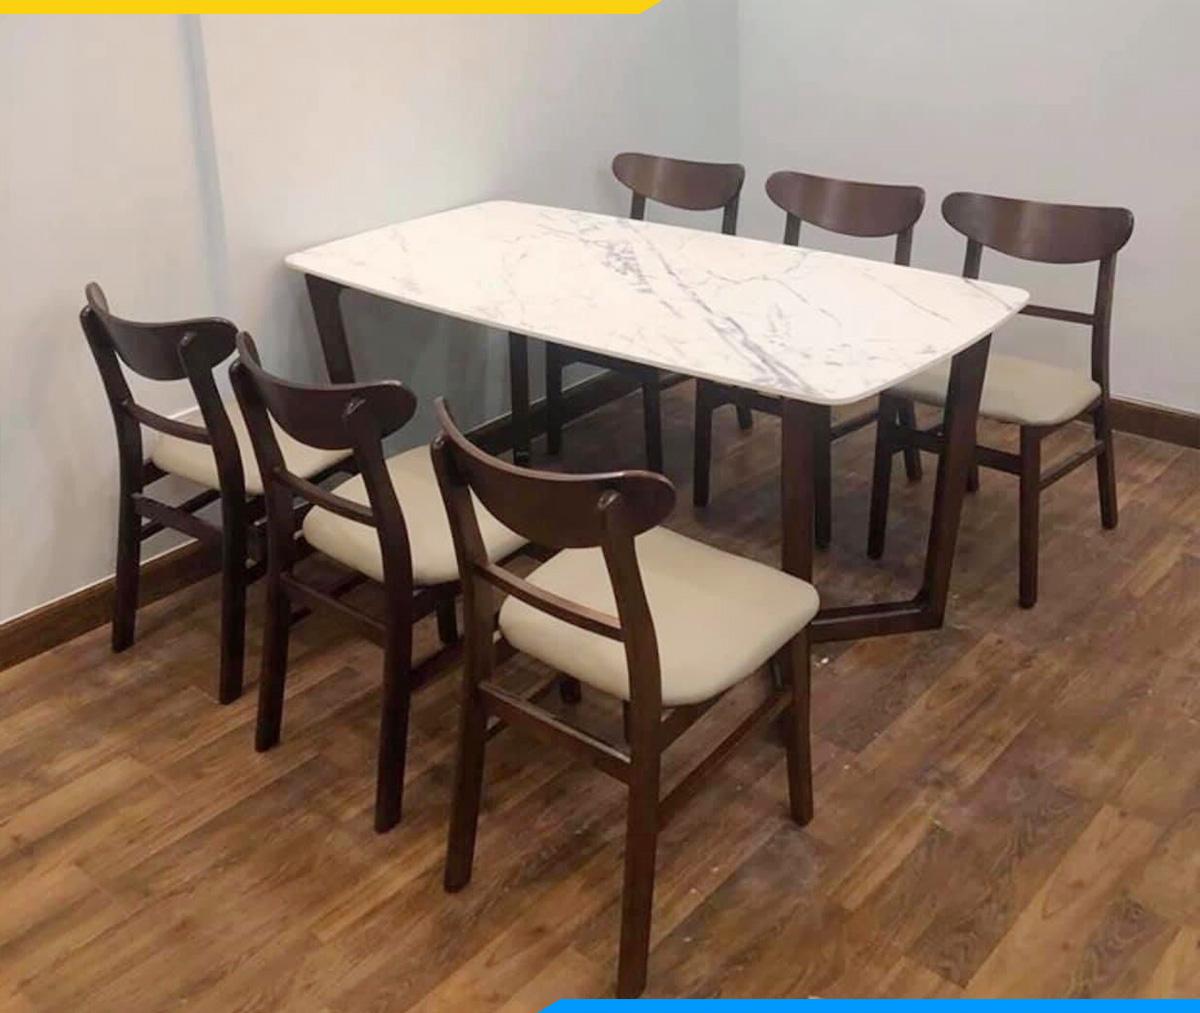 Hình ảnh Chọn bàn ghế ăn cho nhà có người lớn tuổi đẹp sang trọng